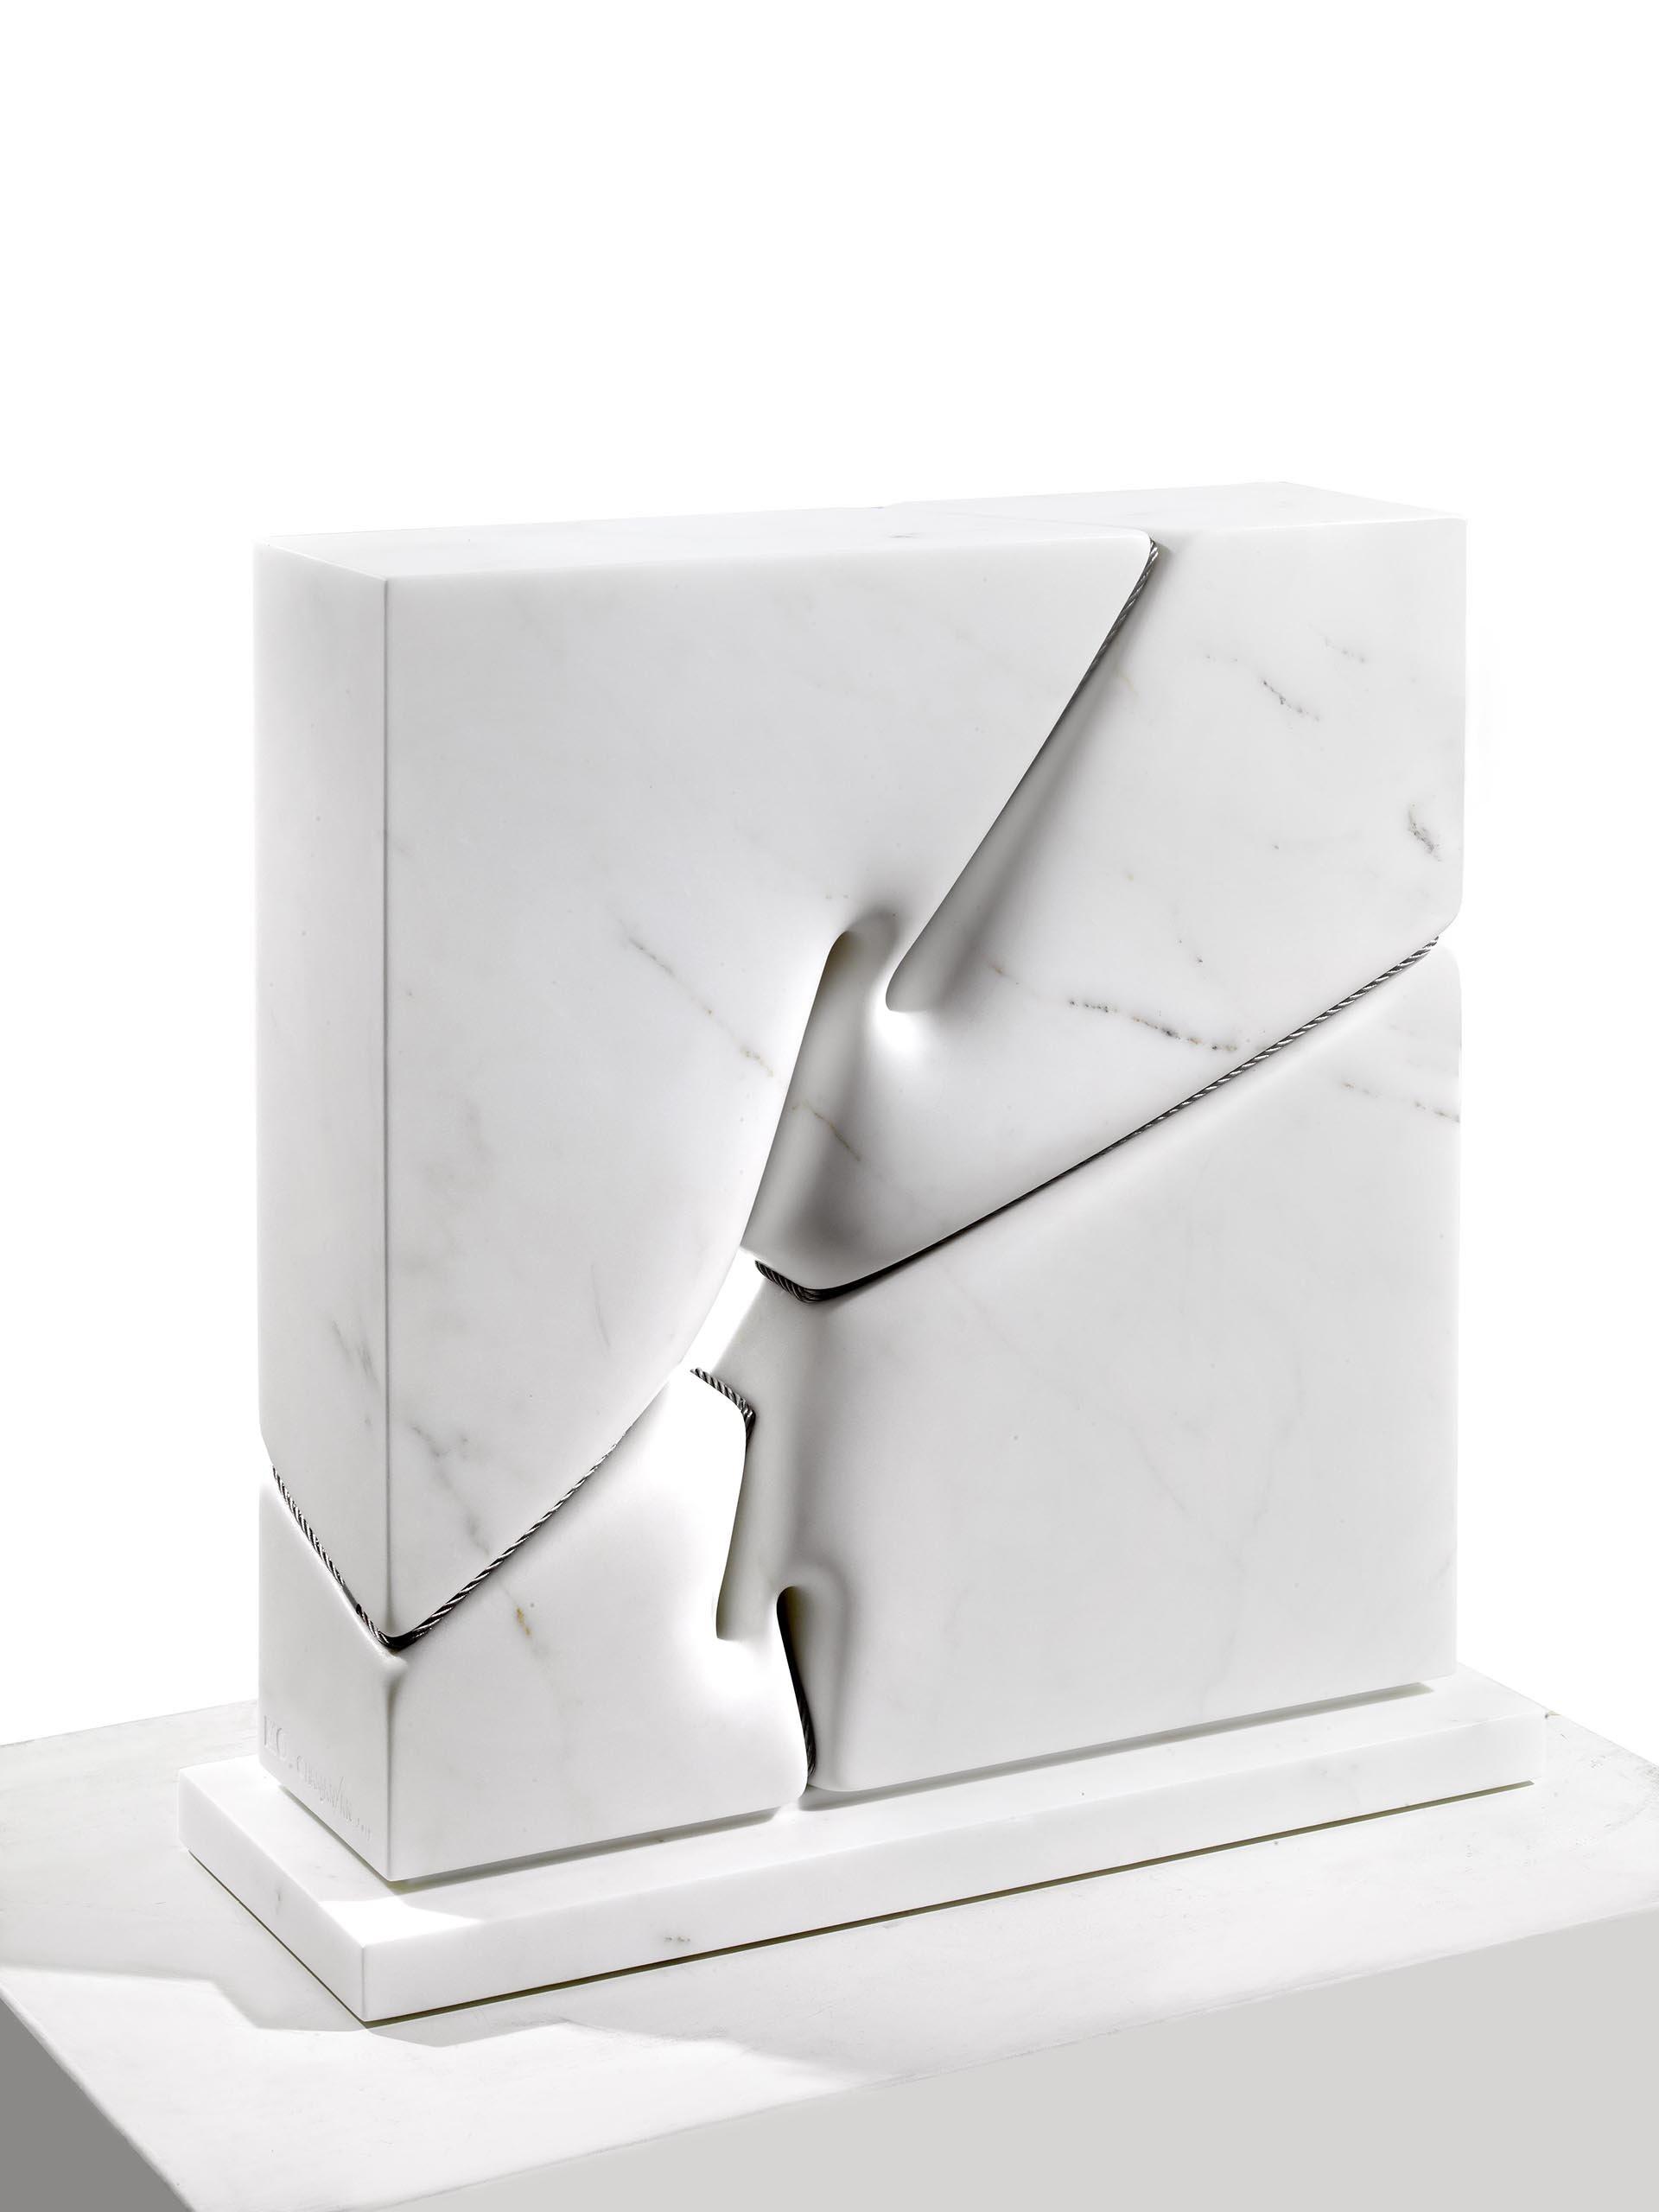 Ohanjanyan, Materialità dell'Invisibile n° 24, 2019, 54x55x21 cm